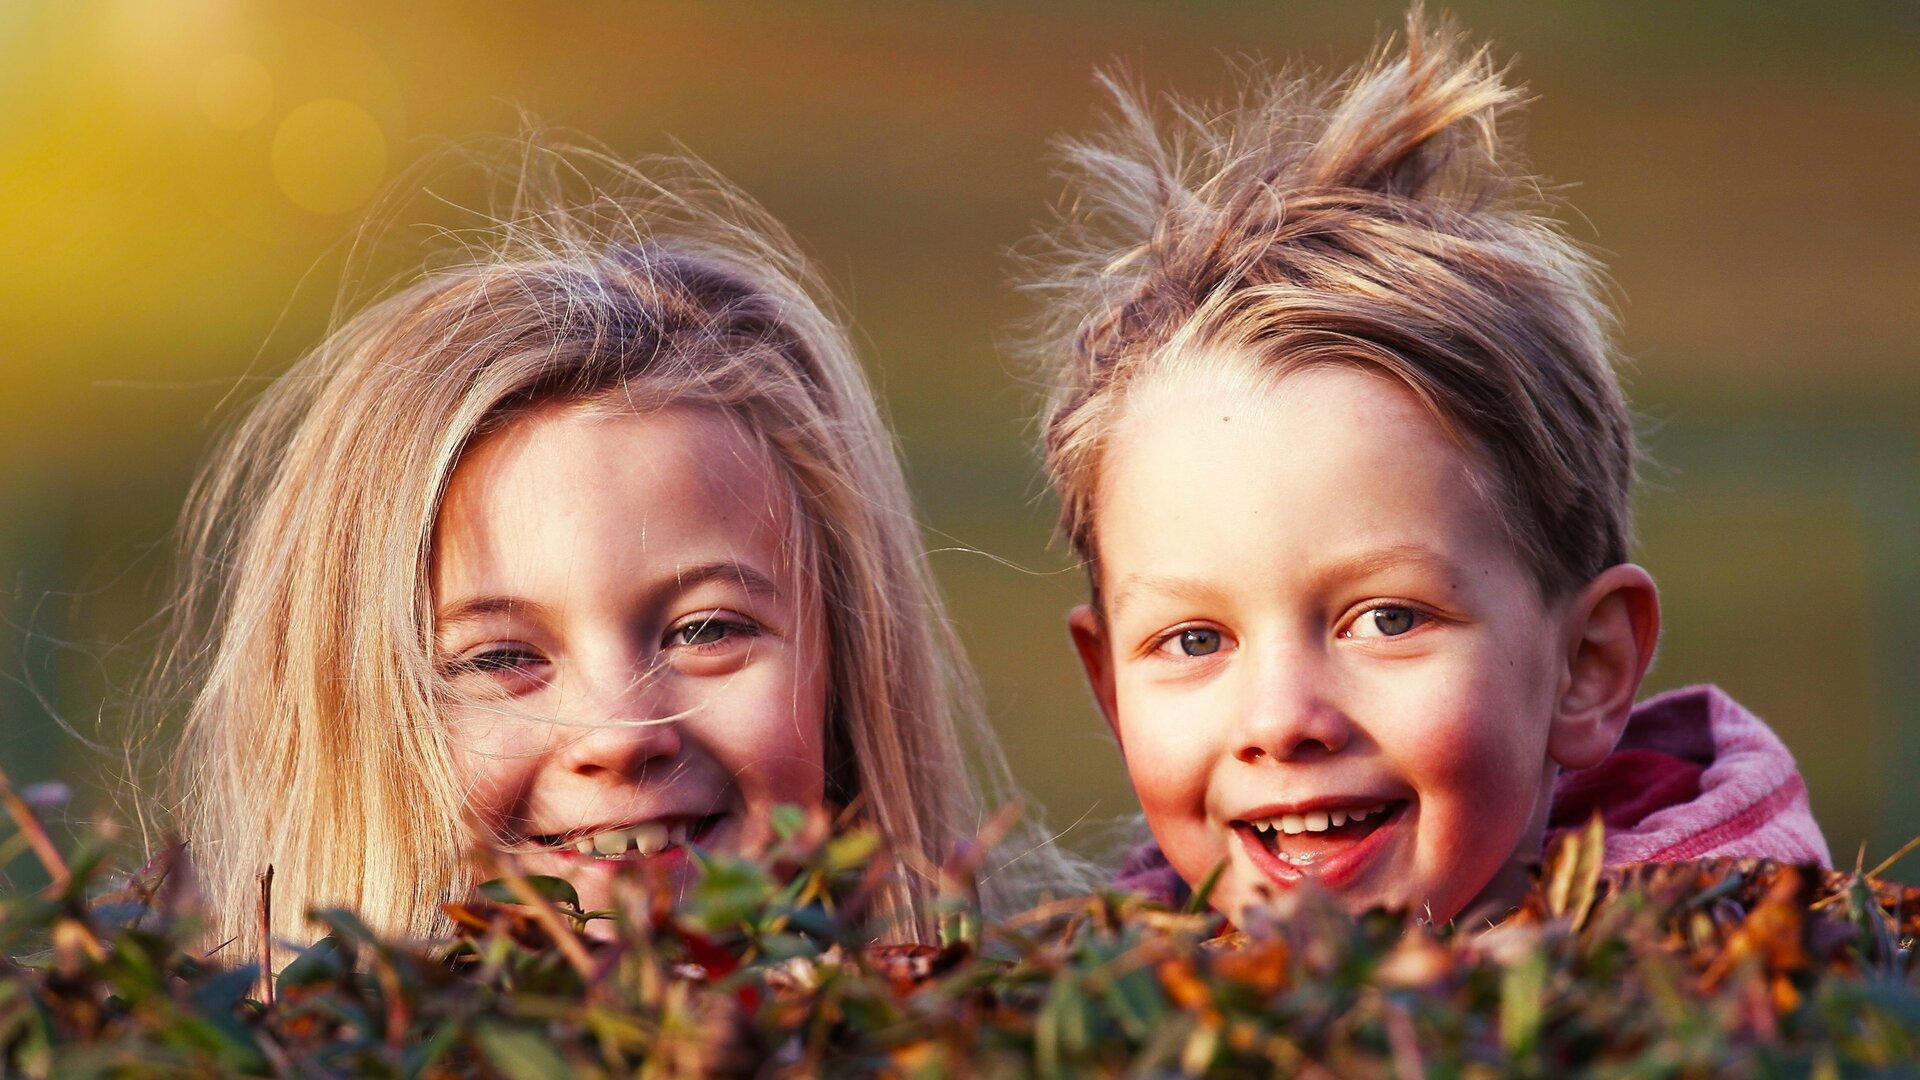 Ilustracja przedstawia dwoje uśmiechniętych dzieci wwieku około siedmiu lat chowających się za żywopłotem. Obydwoje mają blond włosy iniebieskie oczy. Są do siebie podobni. Być może są rodzeństwem. Jest pogodny, jesienny dzień.